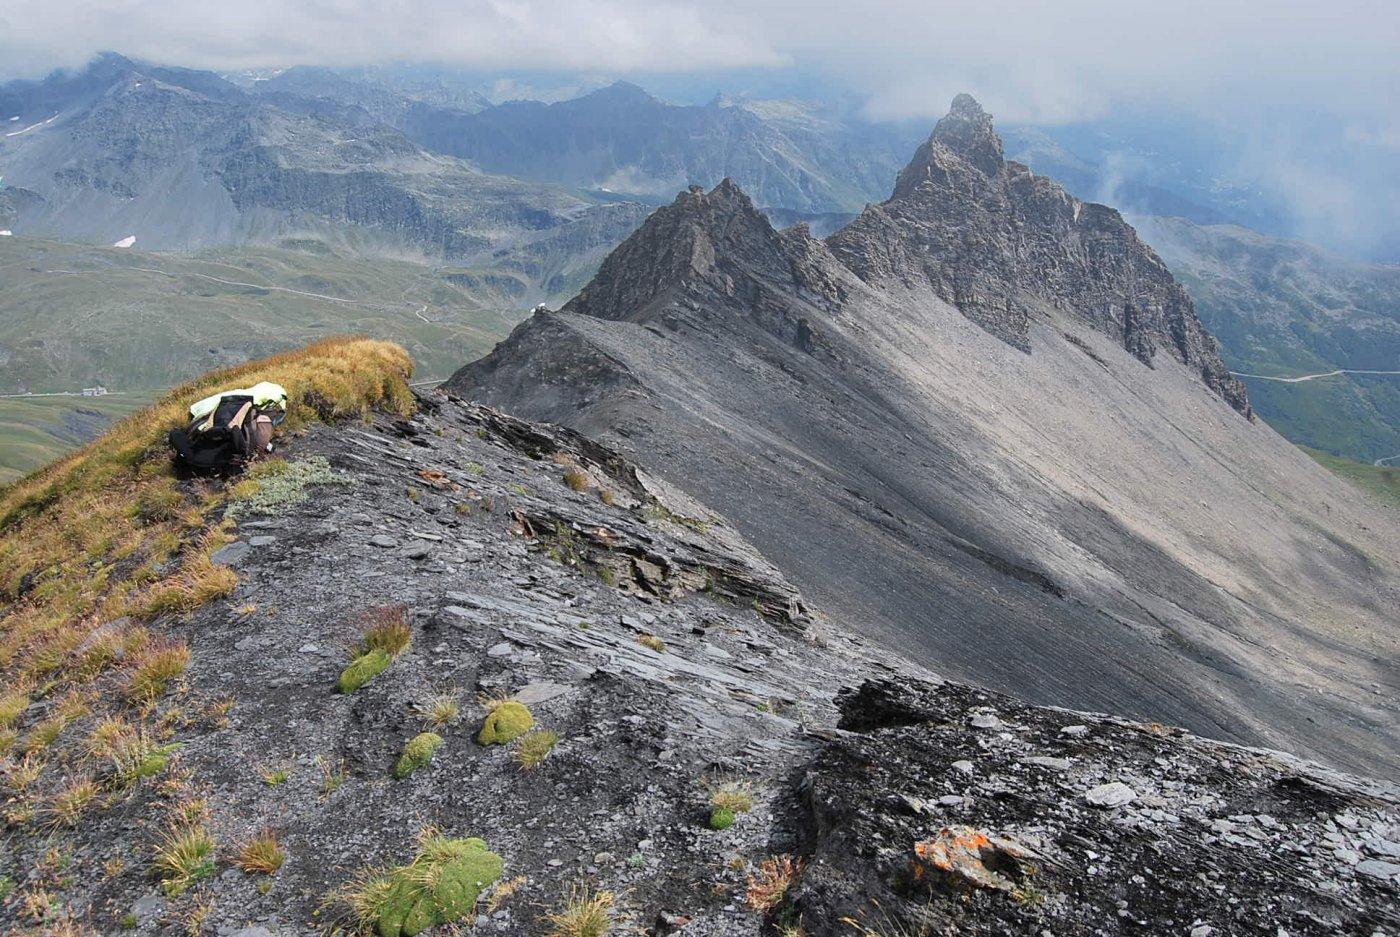 Dalla vetta: la cresta ed il Roc du Belleface. Sullo sfondo, piccolo a sinistra in basso, l'Hospice